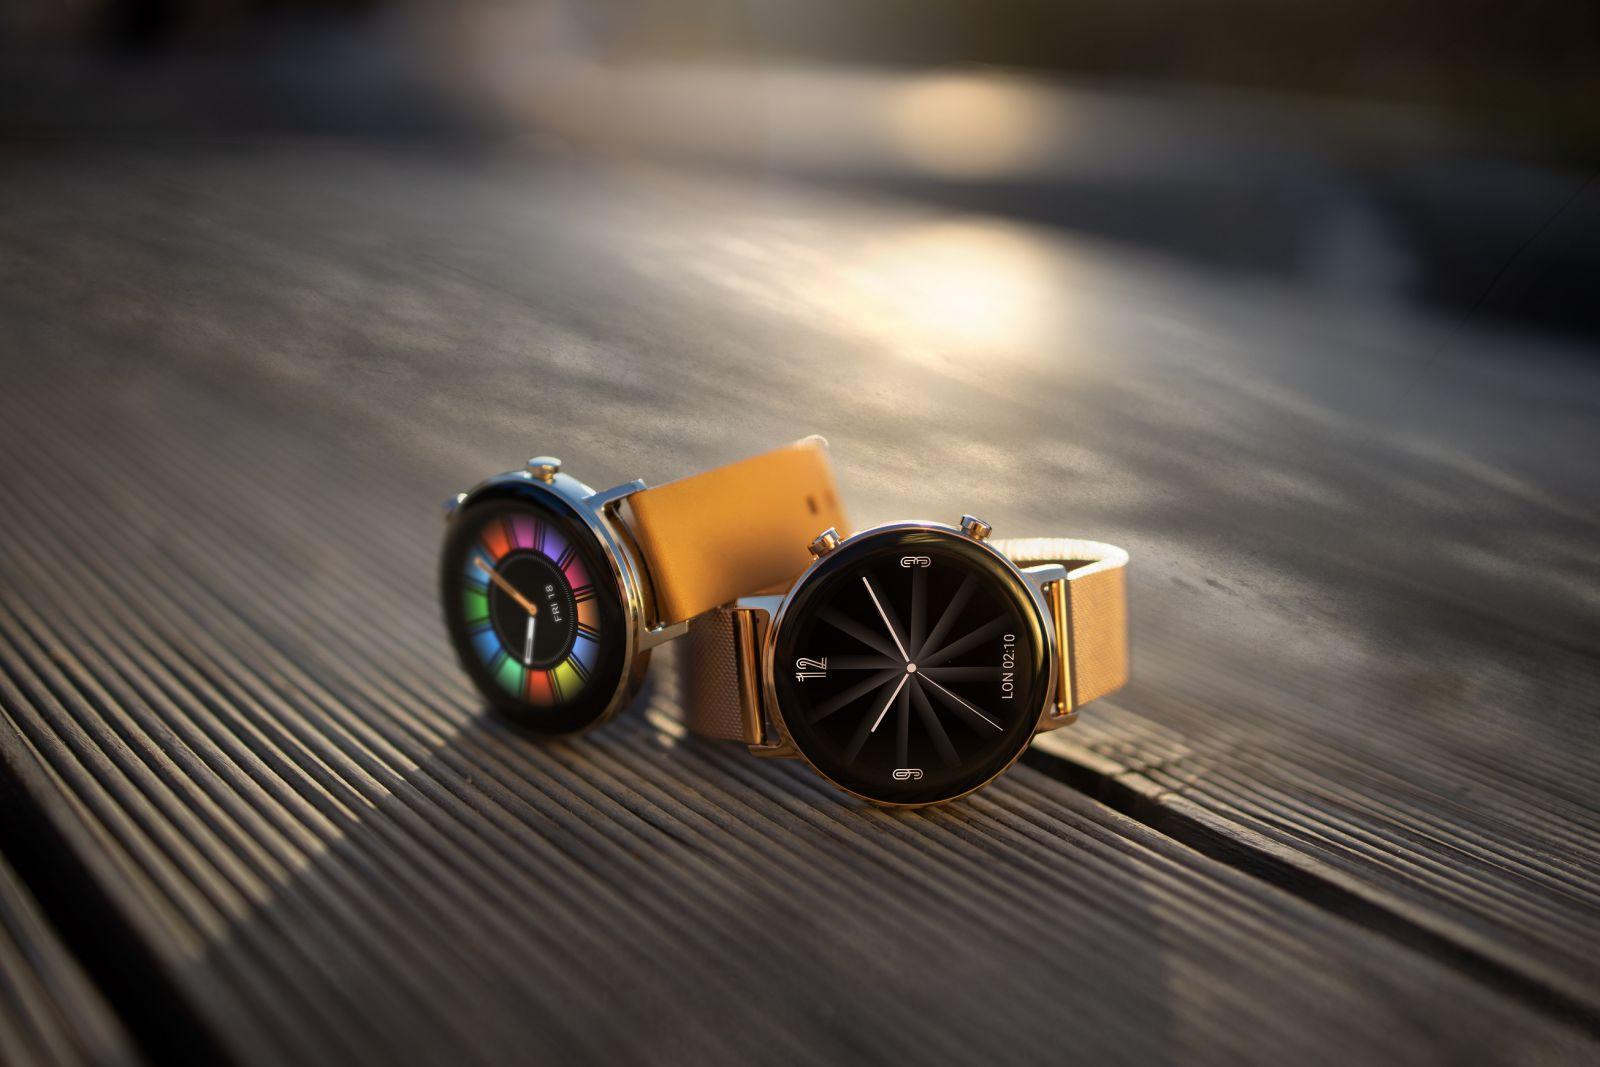 Обзор смарт-часов Huawei Watch GT2 - пара смарт-часов